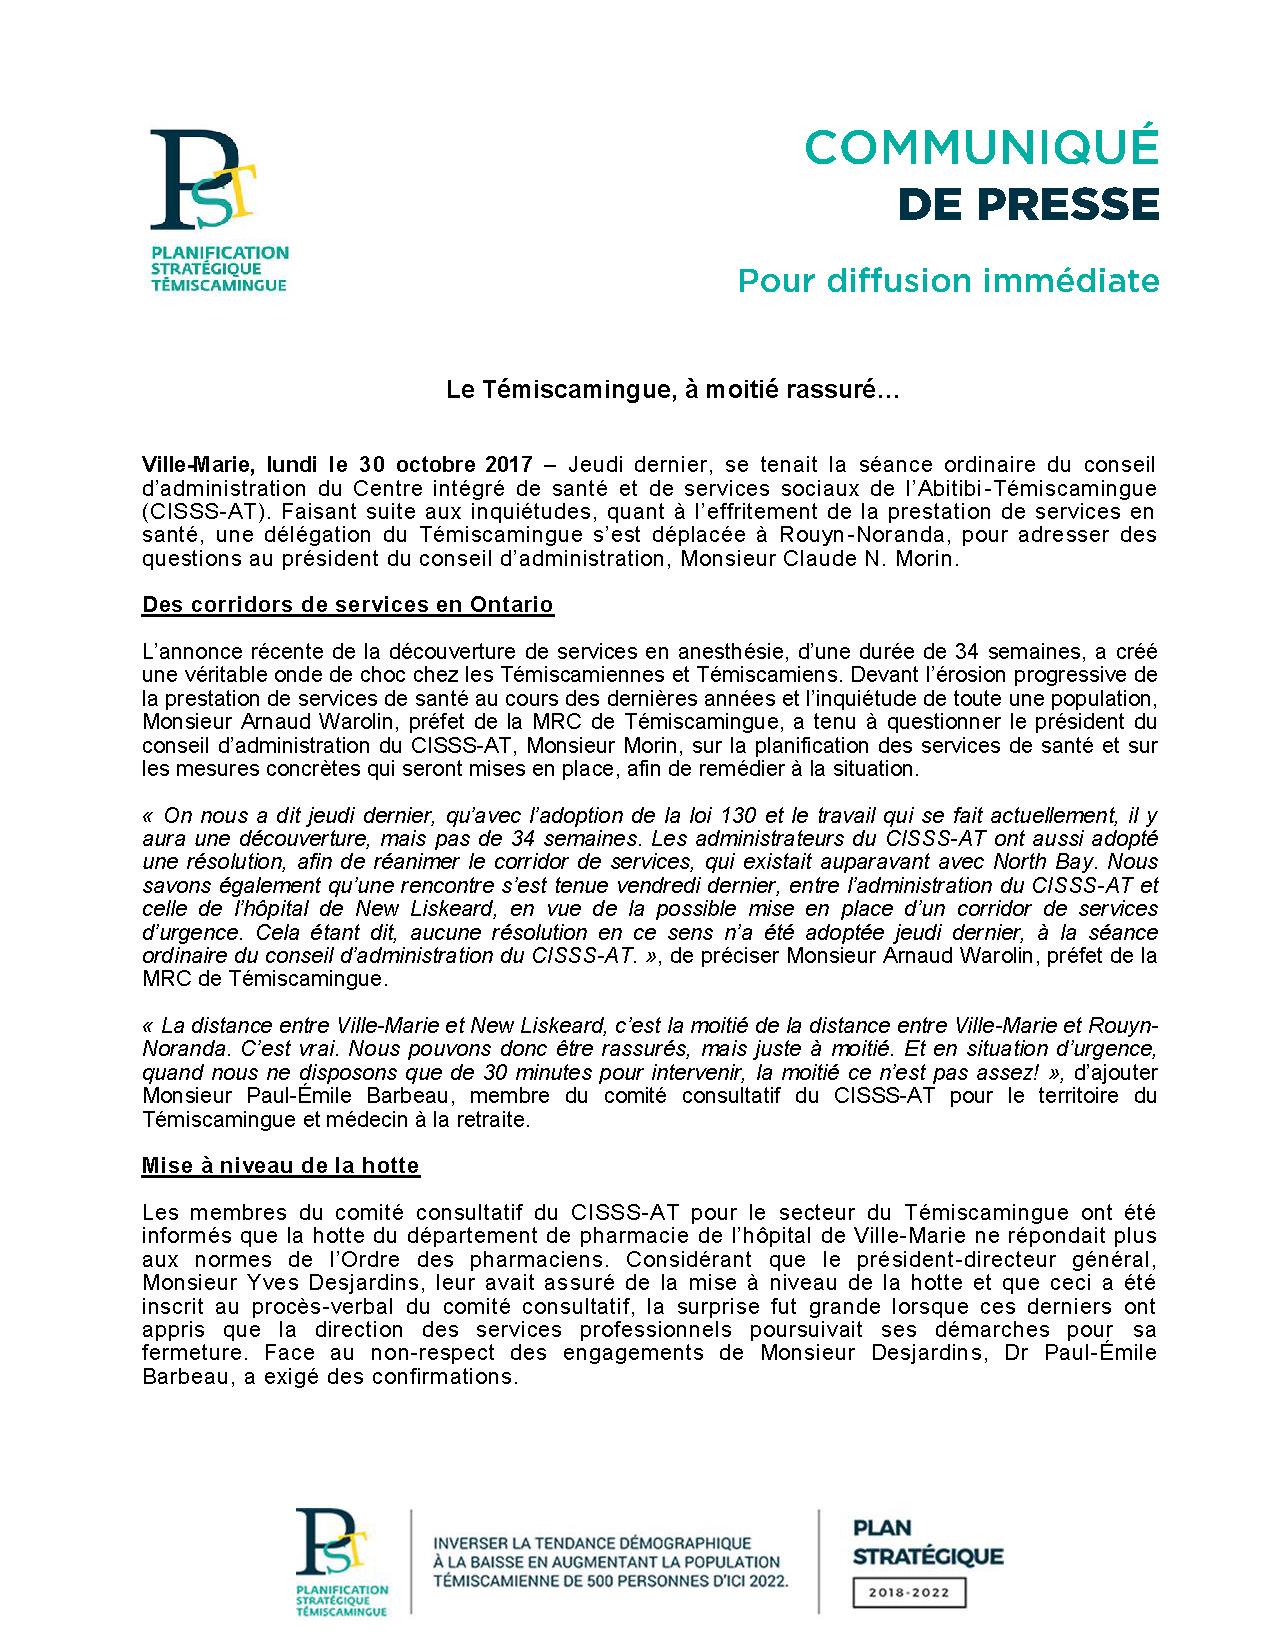 2017-10-30 - Communiqué PST - Le Témiscamingue à moitié rassuré_Page_1